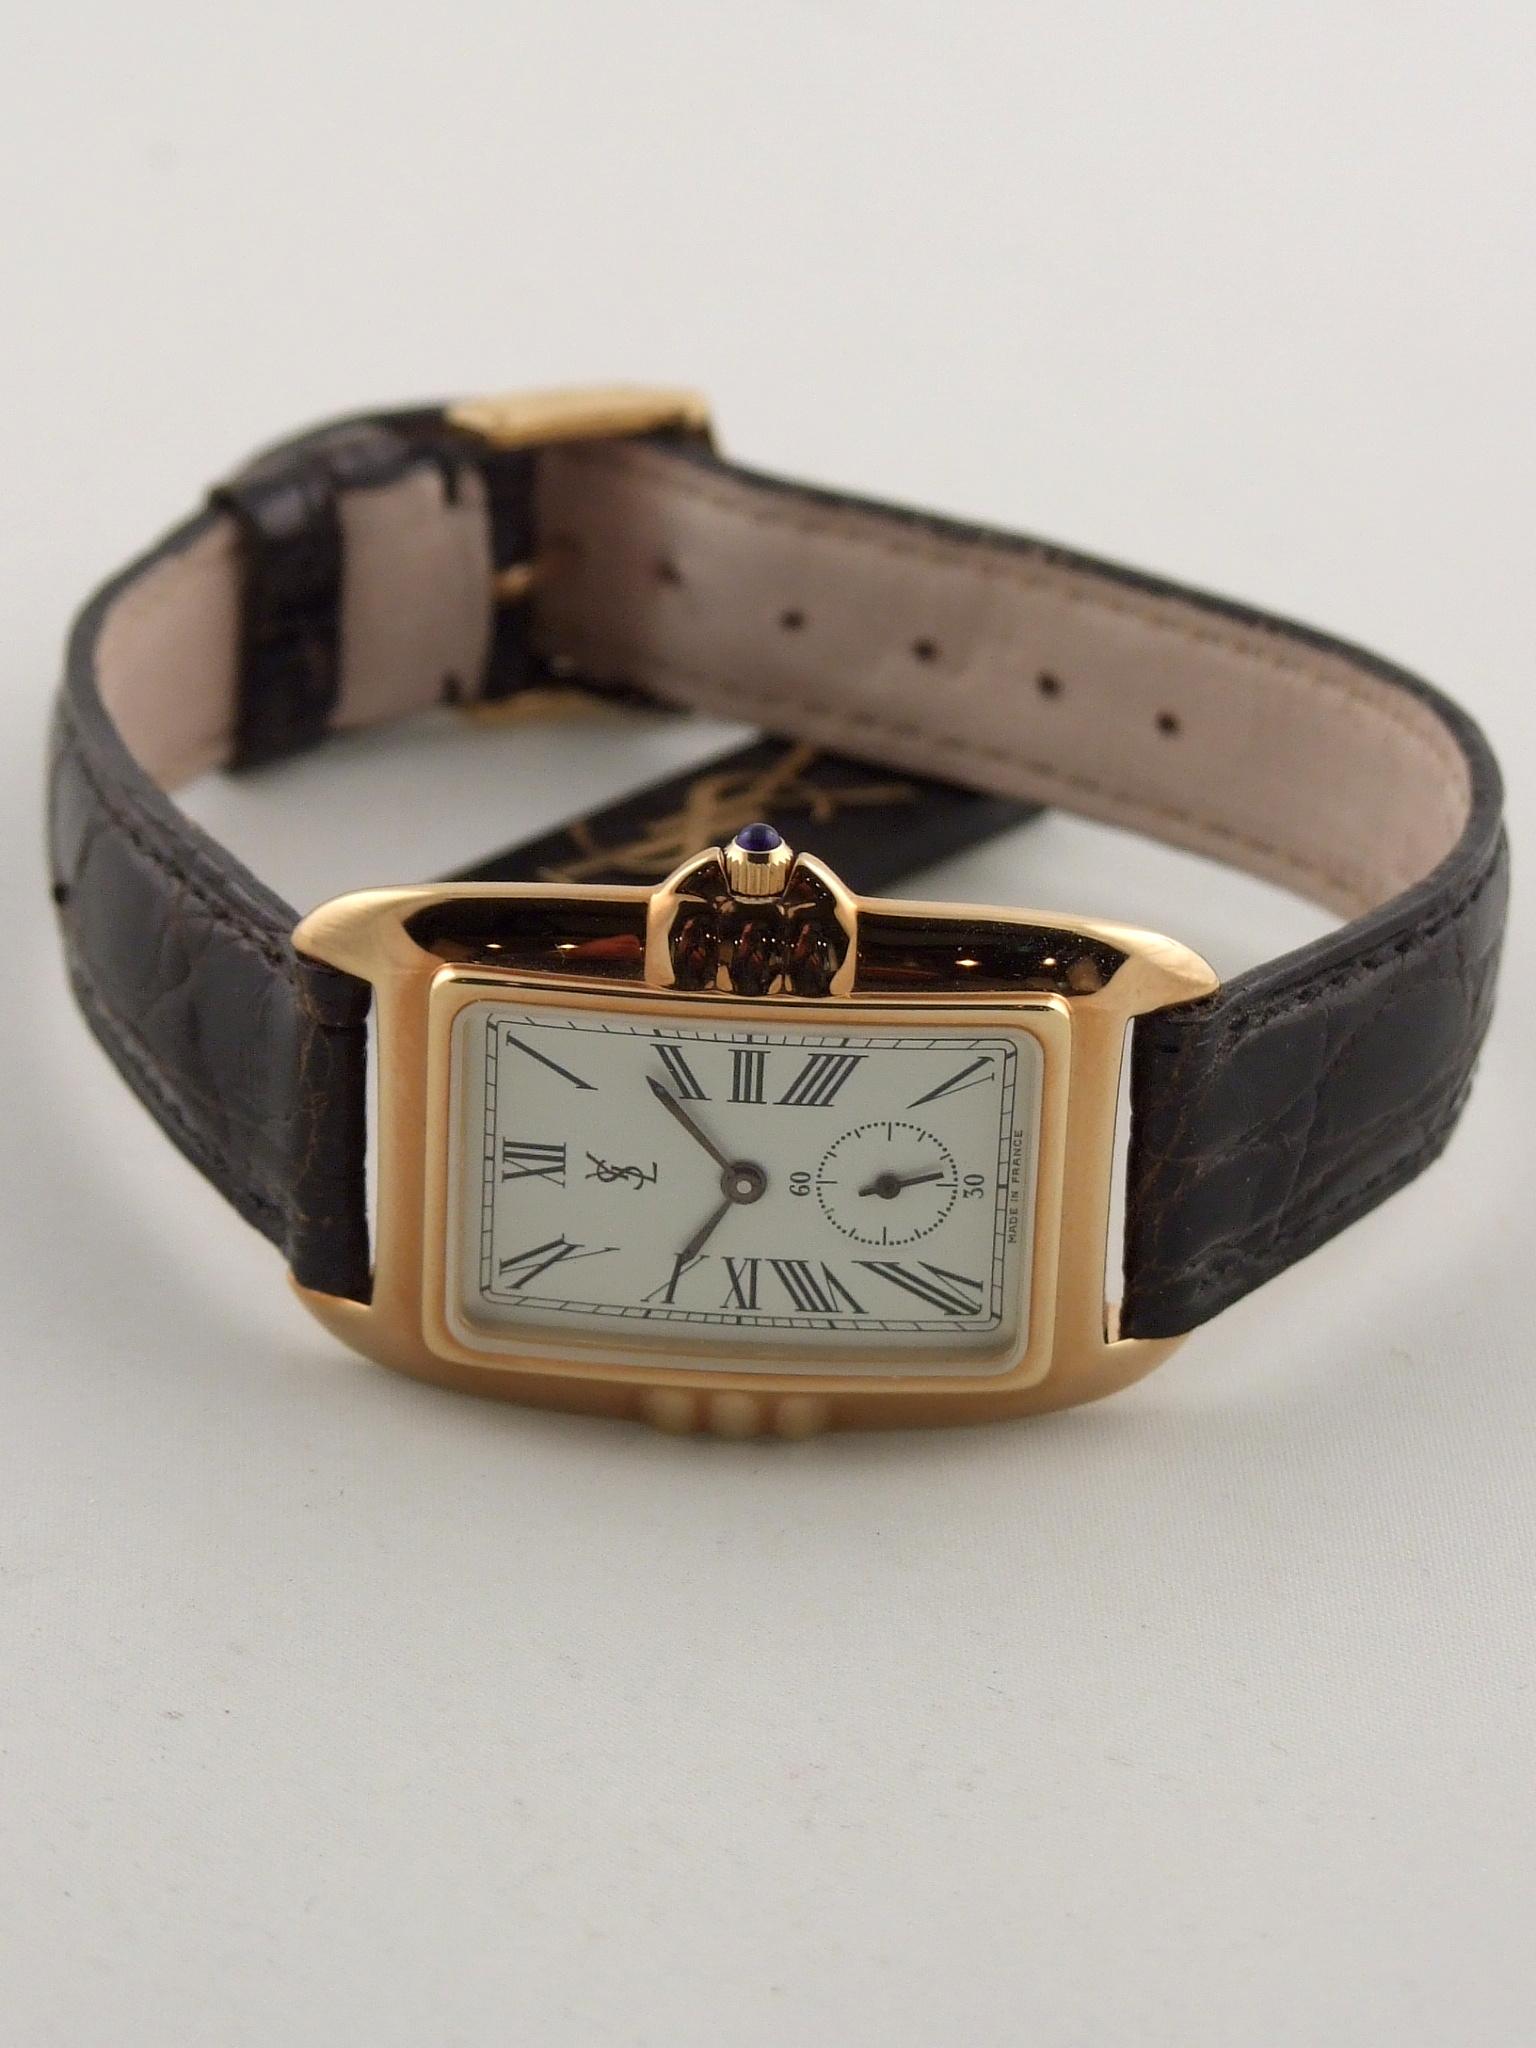 ysl yves saint laurent 593145 ladie's watch